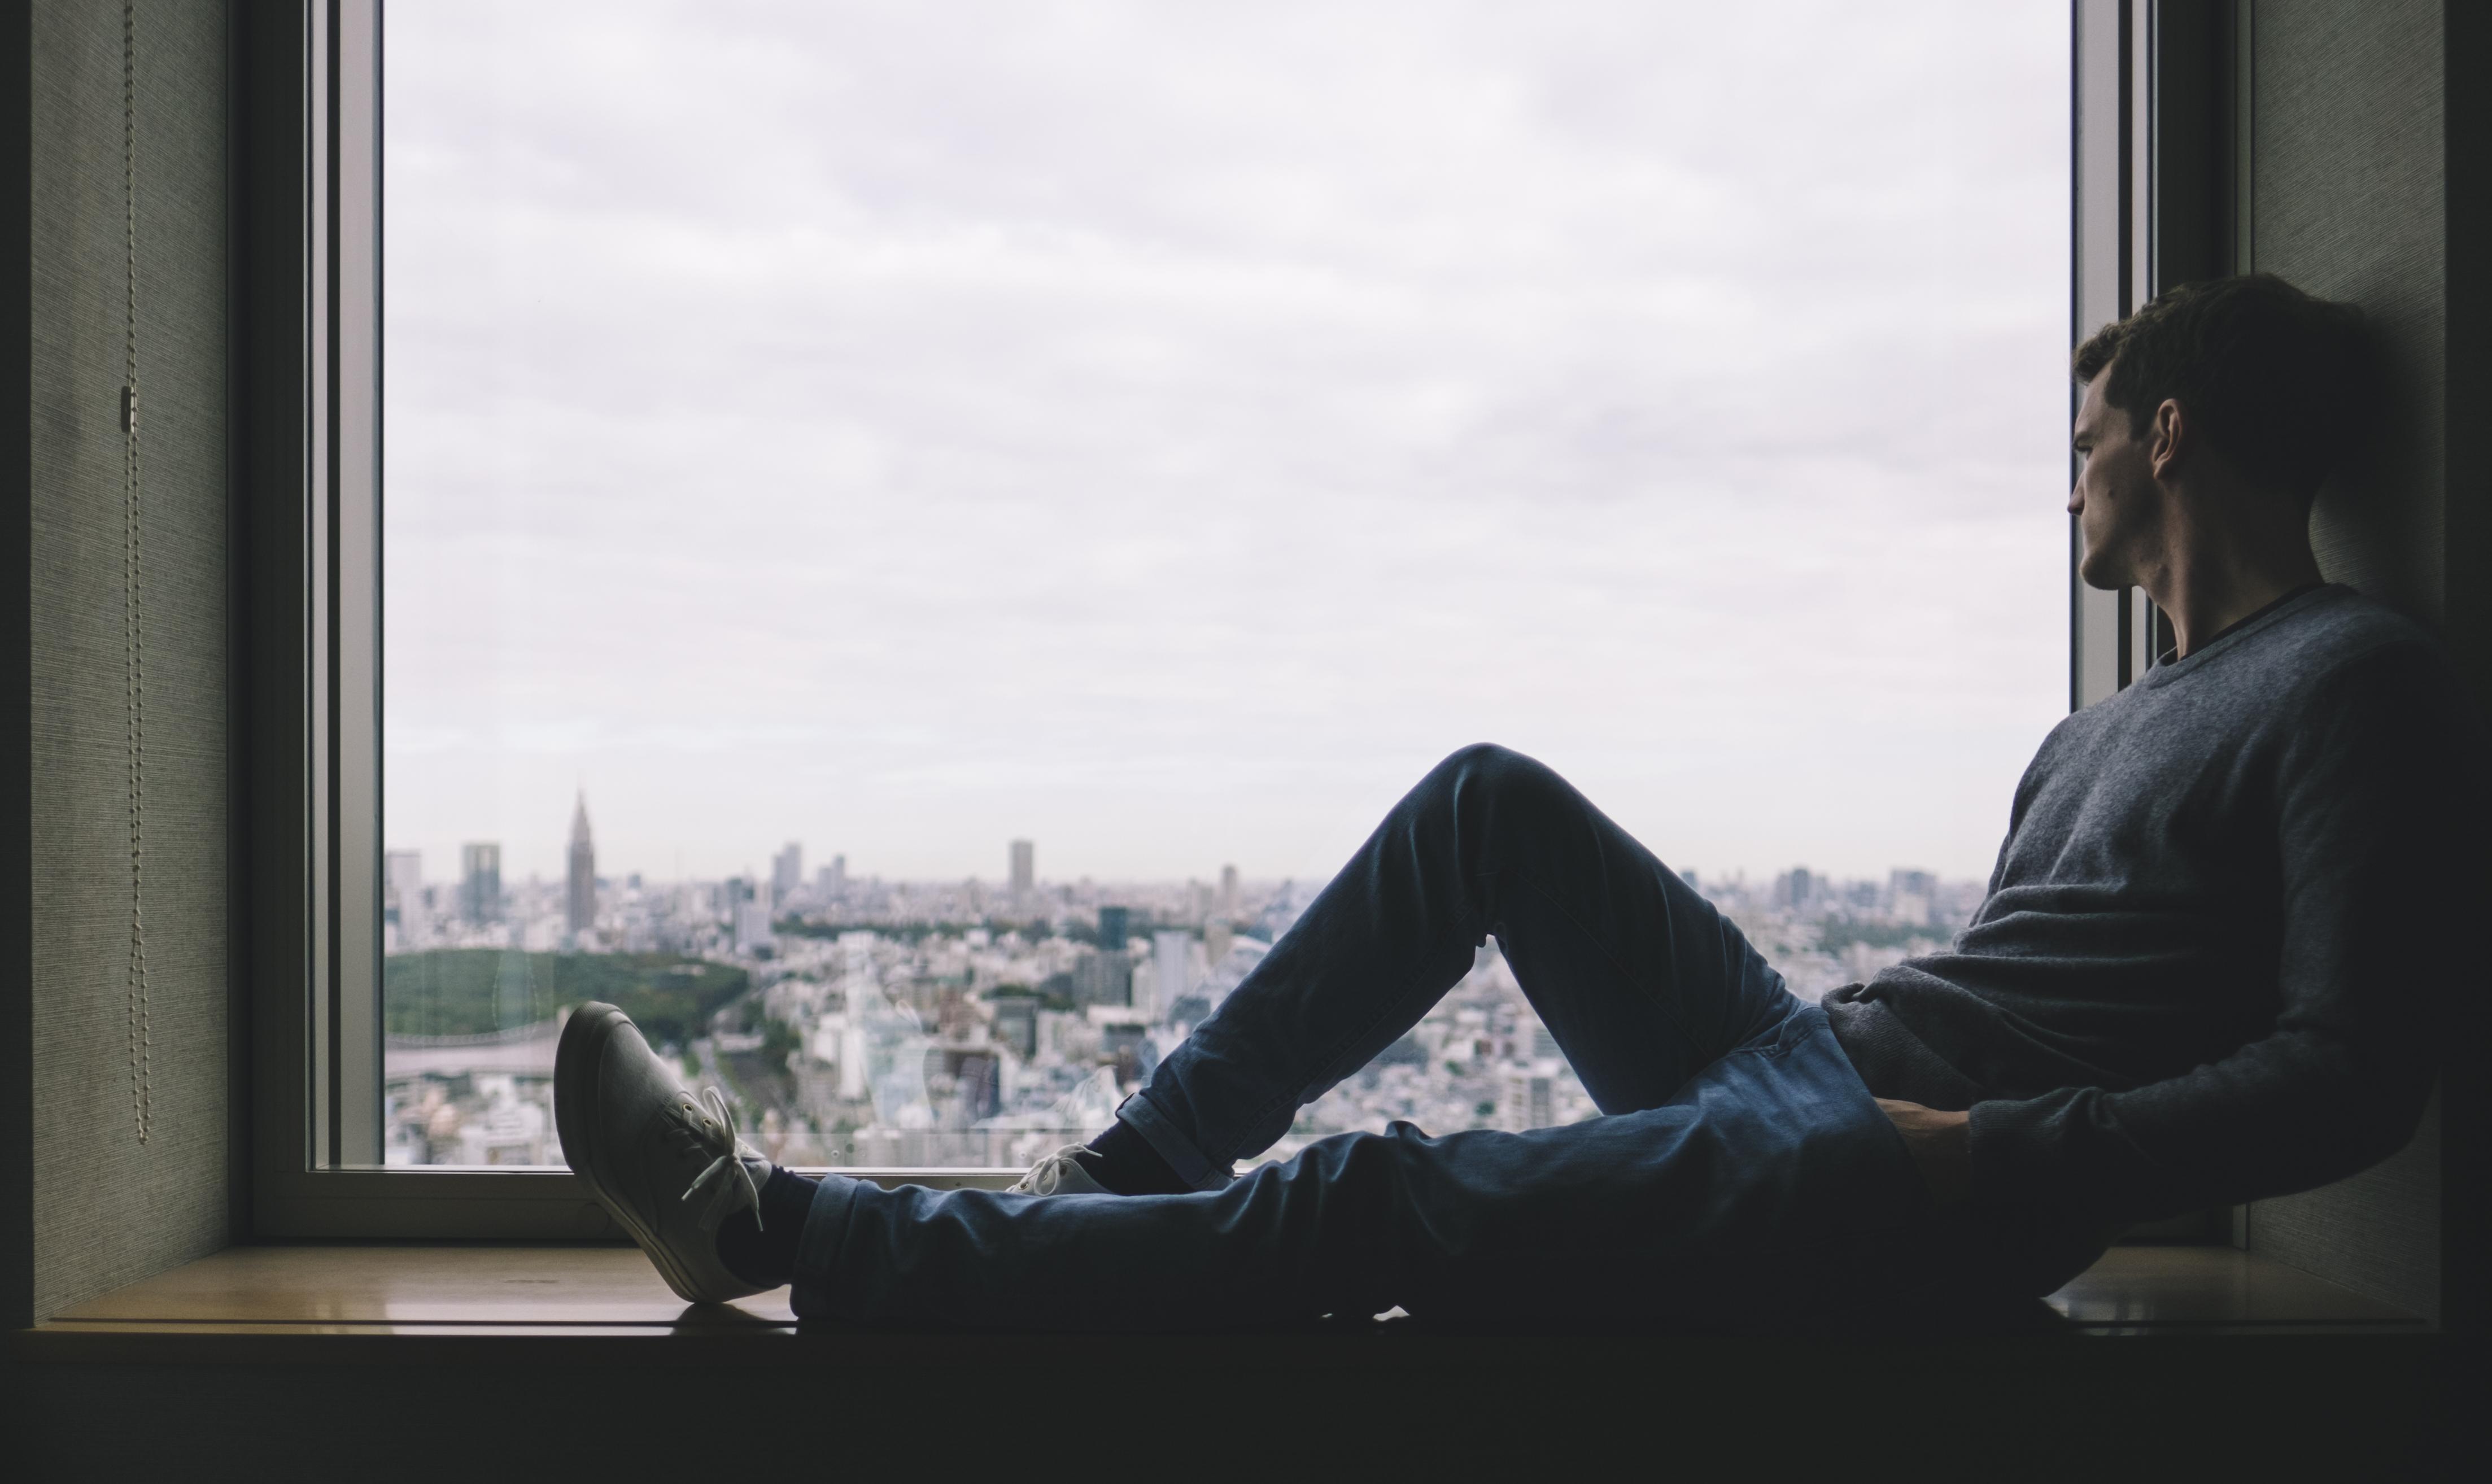 Bu Araştırmaya Göre Yalnız Hisseden Gay Erkekler Korunmasız Sekse Daha Yatkın